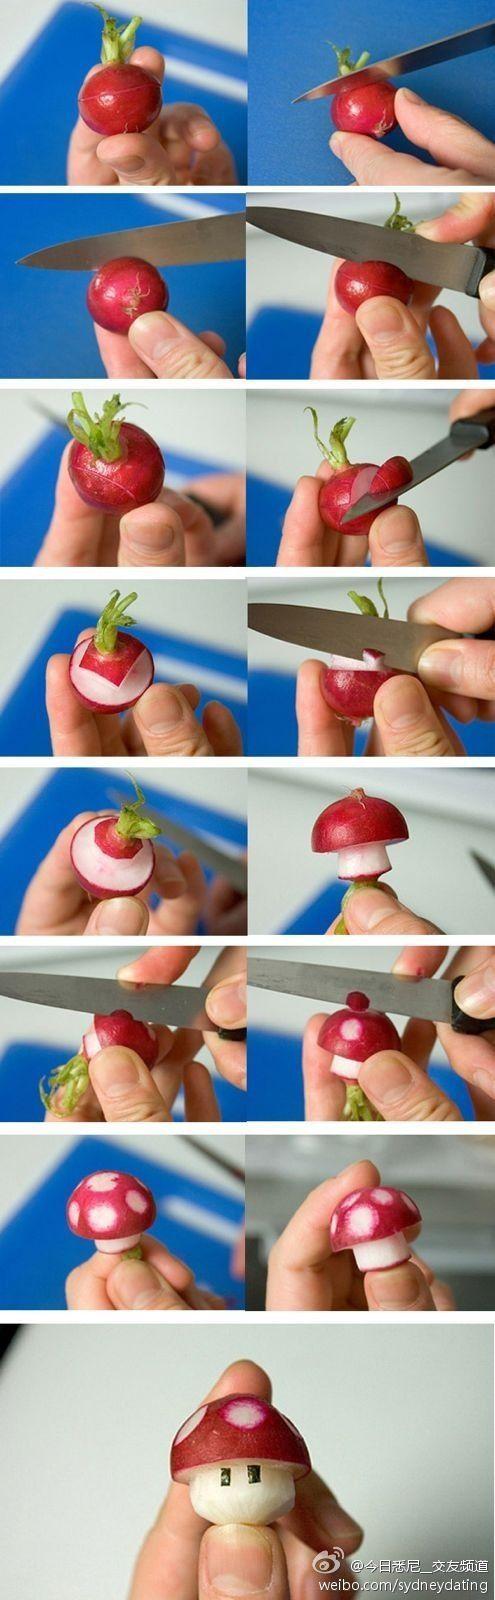 radis champignon